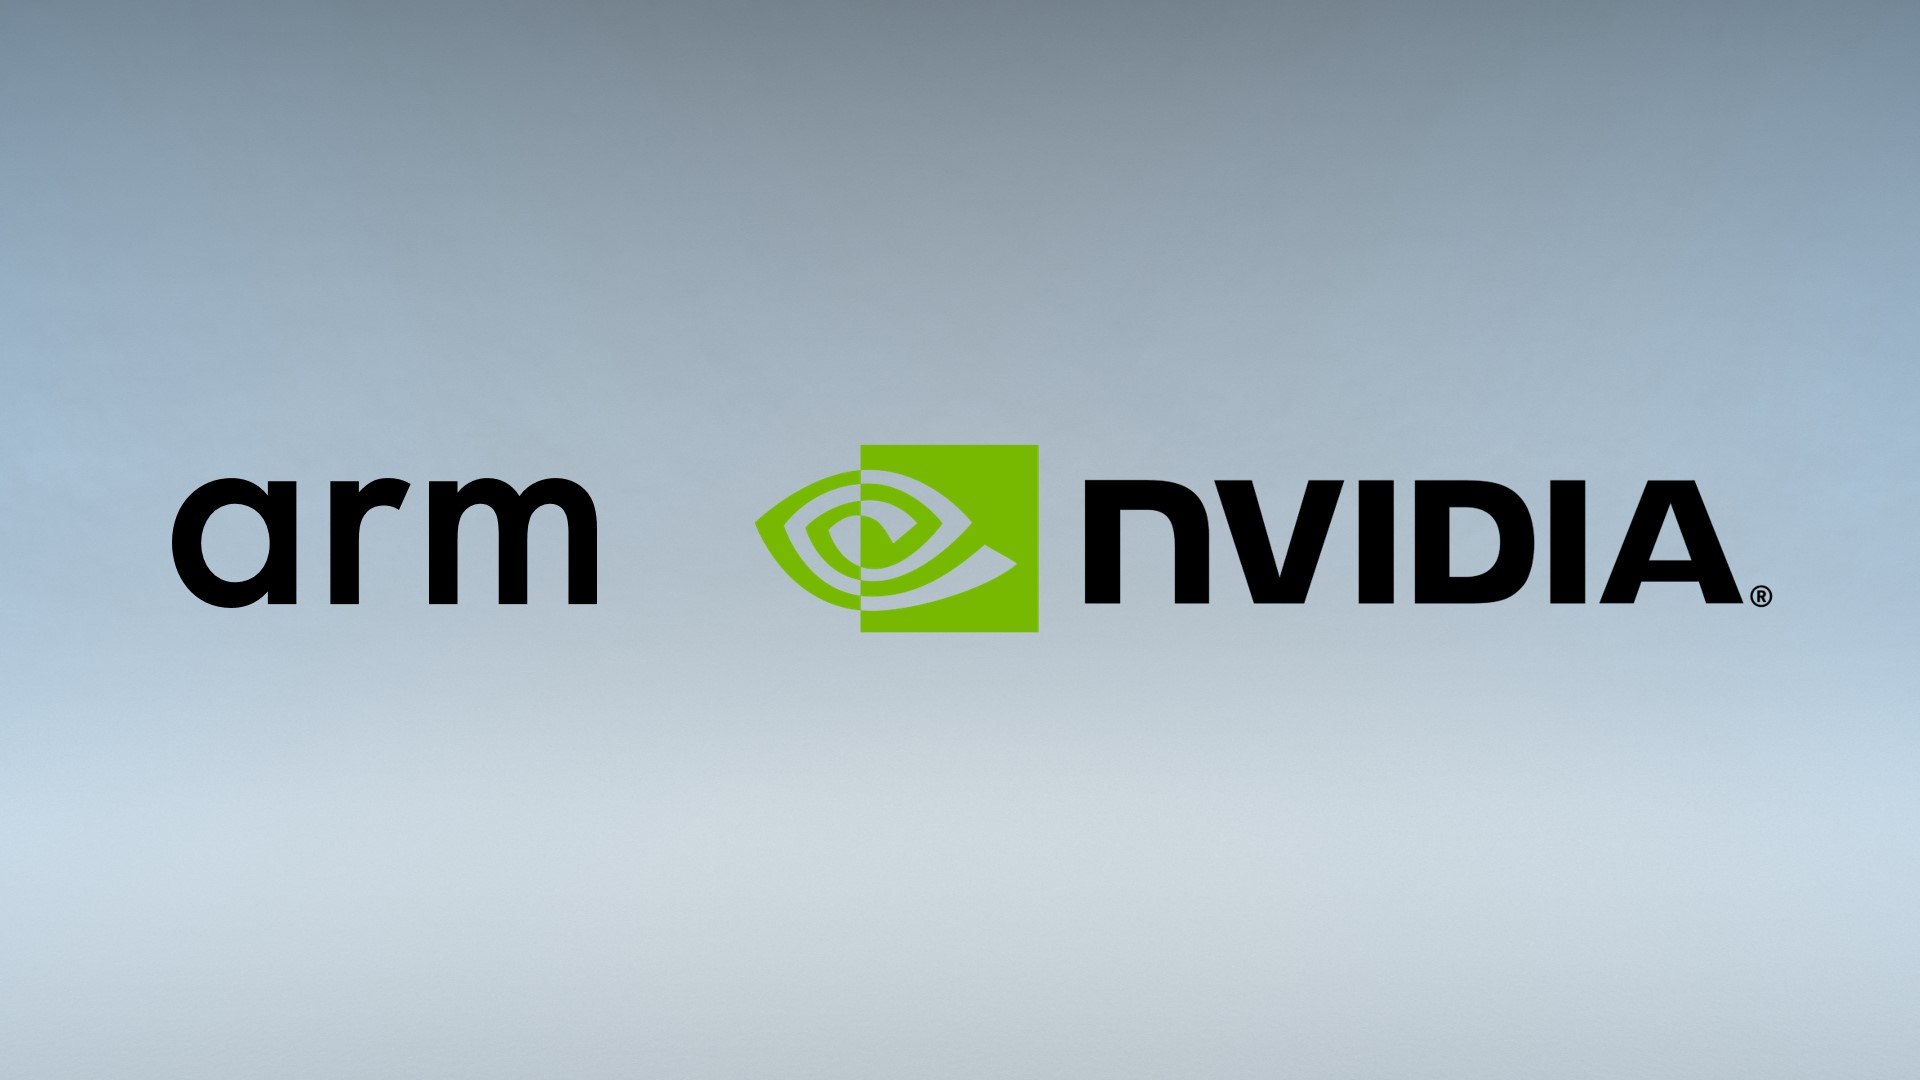 Официально Nvidia приобретает Arm за 40 млрд долларов